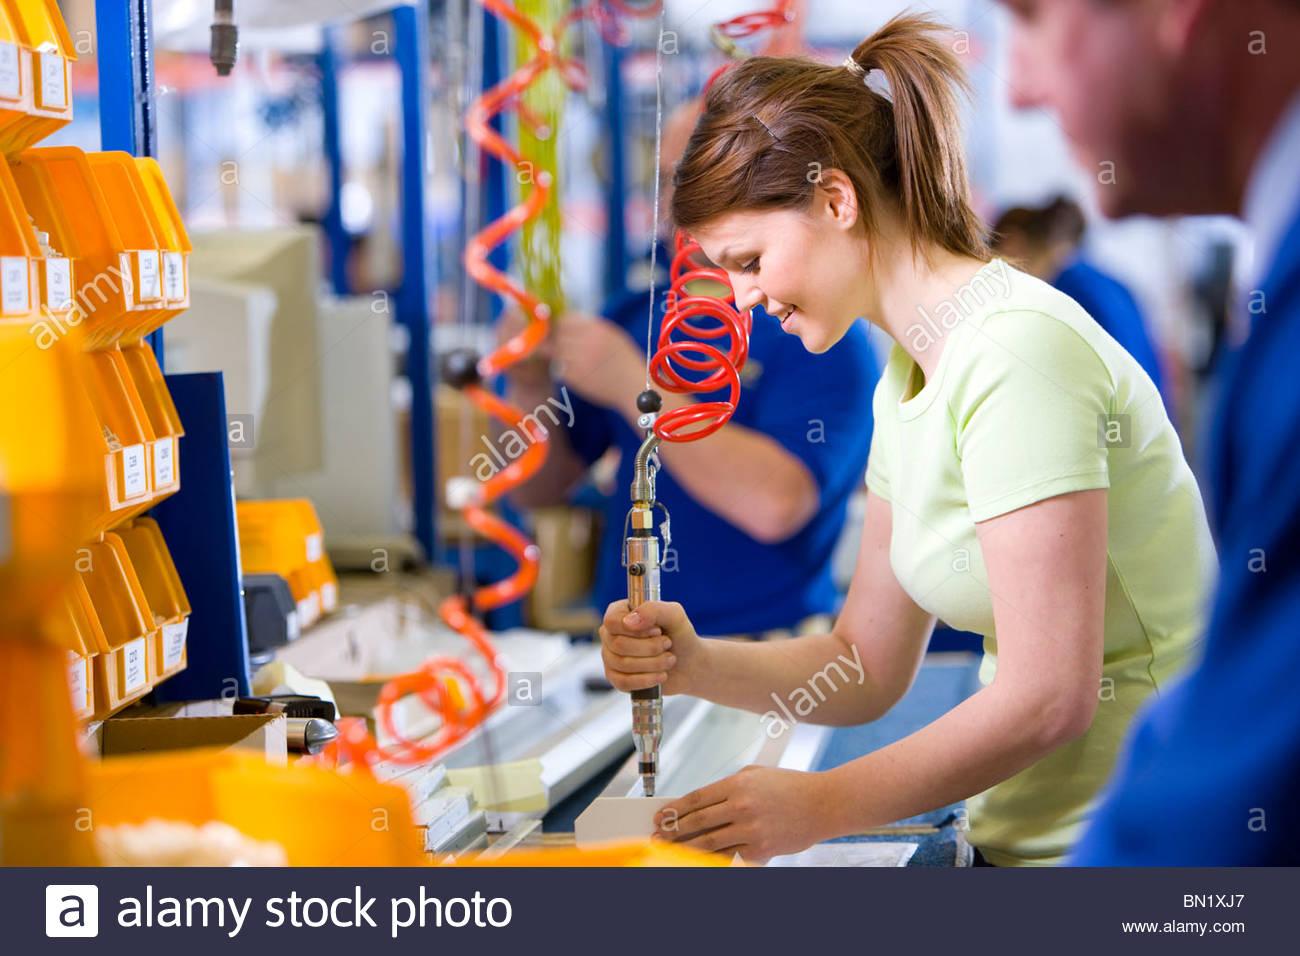 Arbeiter, die Bedienung von Maschinen auf Produktionslinie im Werk, das Aluminium Leuchten herstellt Stockfoto